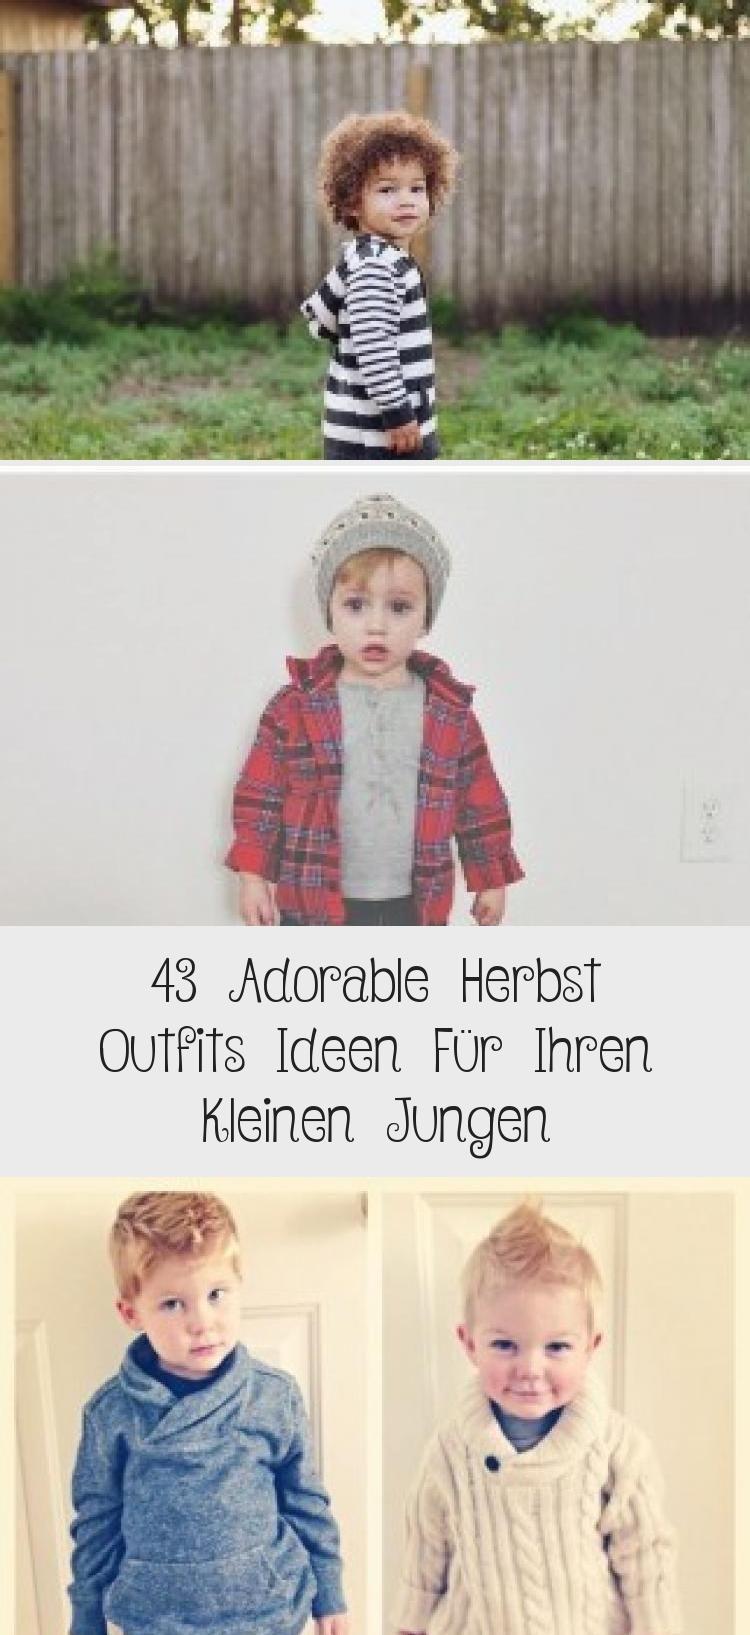 43 Adorable Herbst Outfits Ideen Für Ihren Kleinen Jungen – Mode